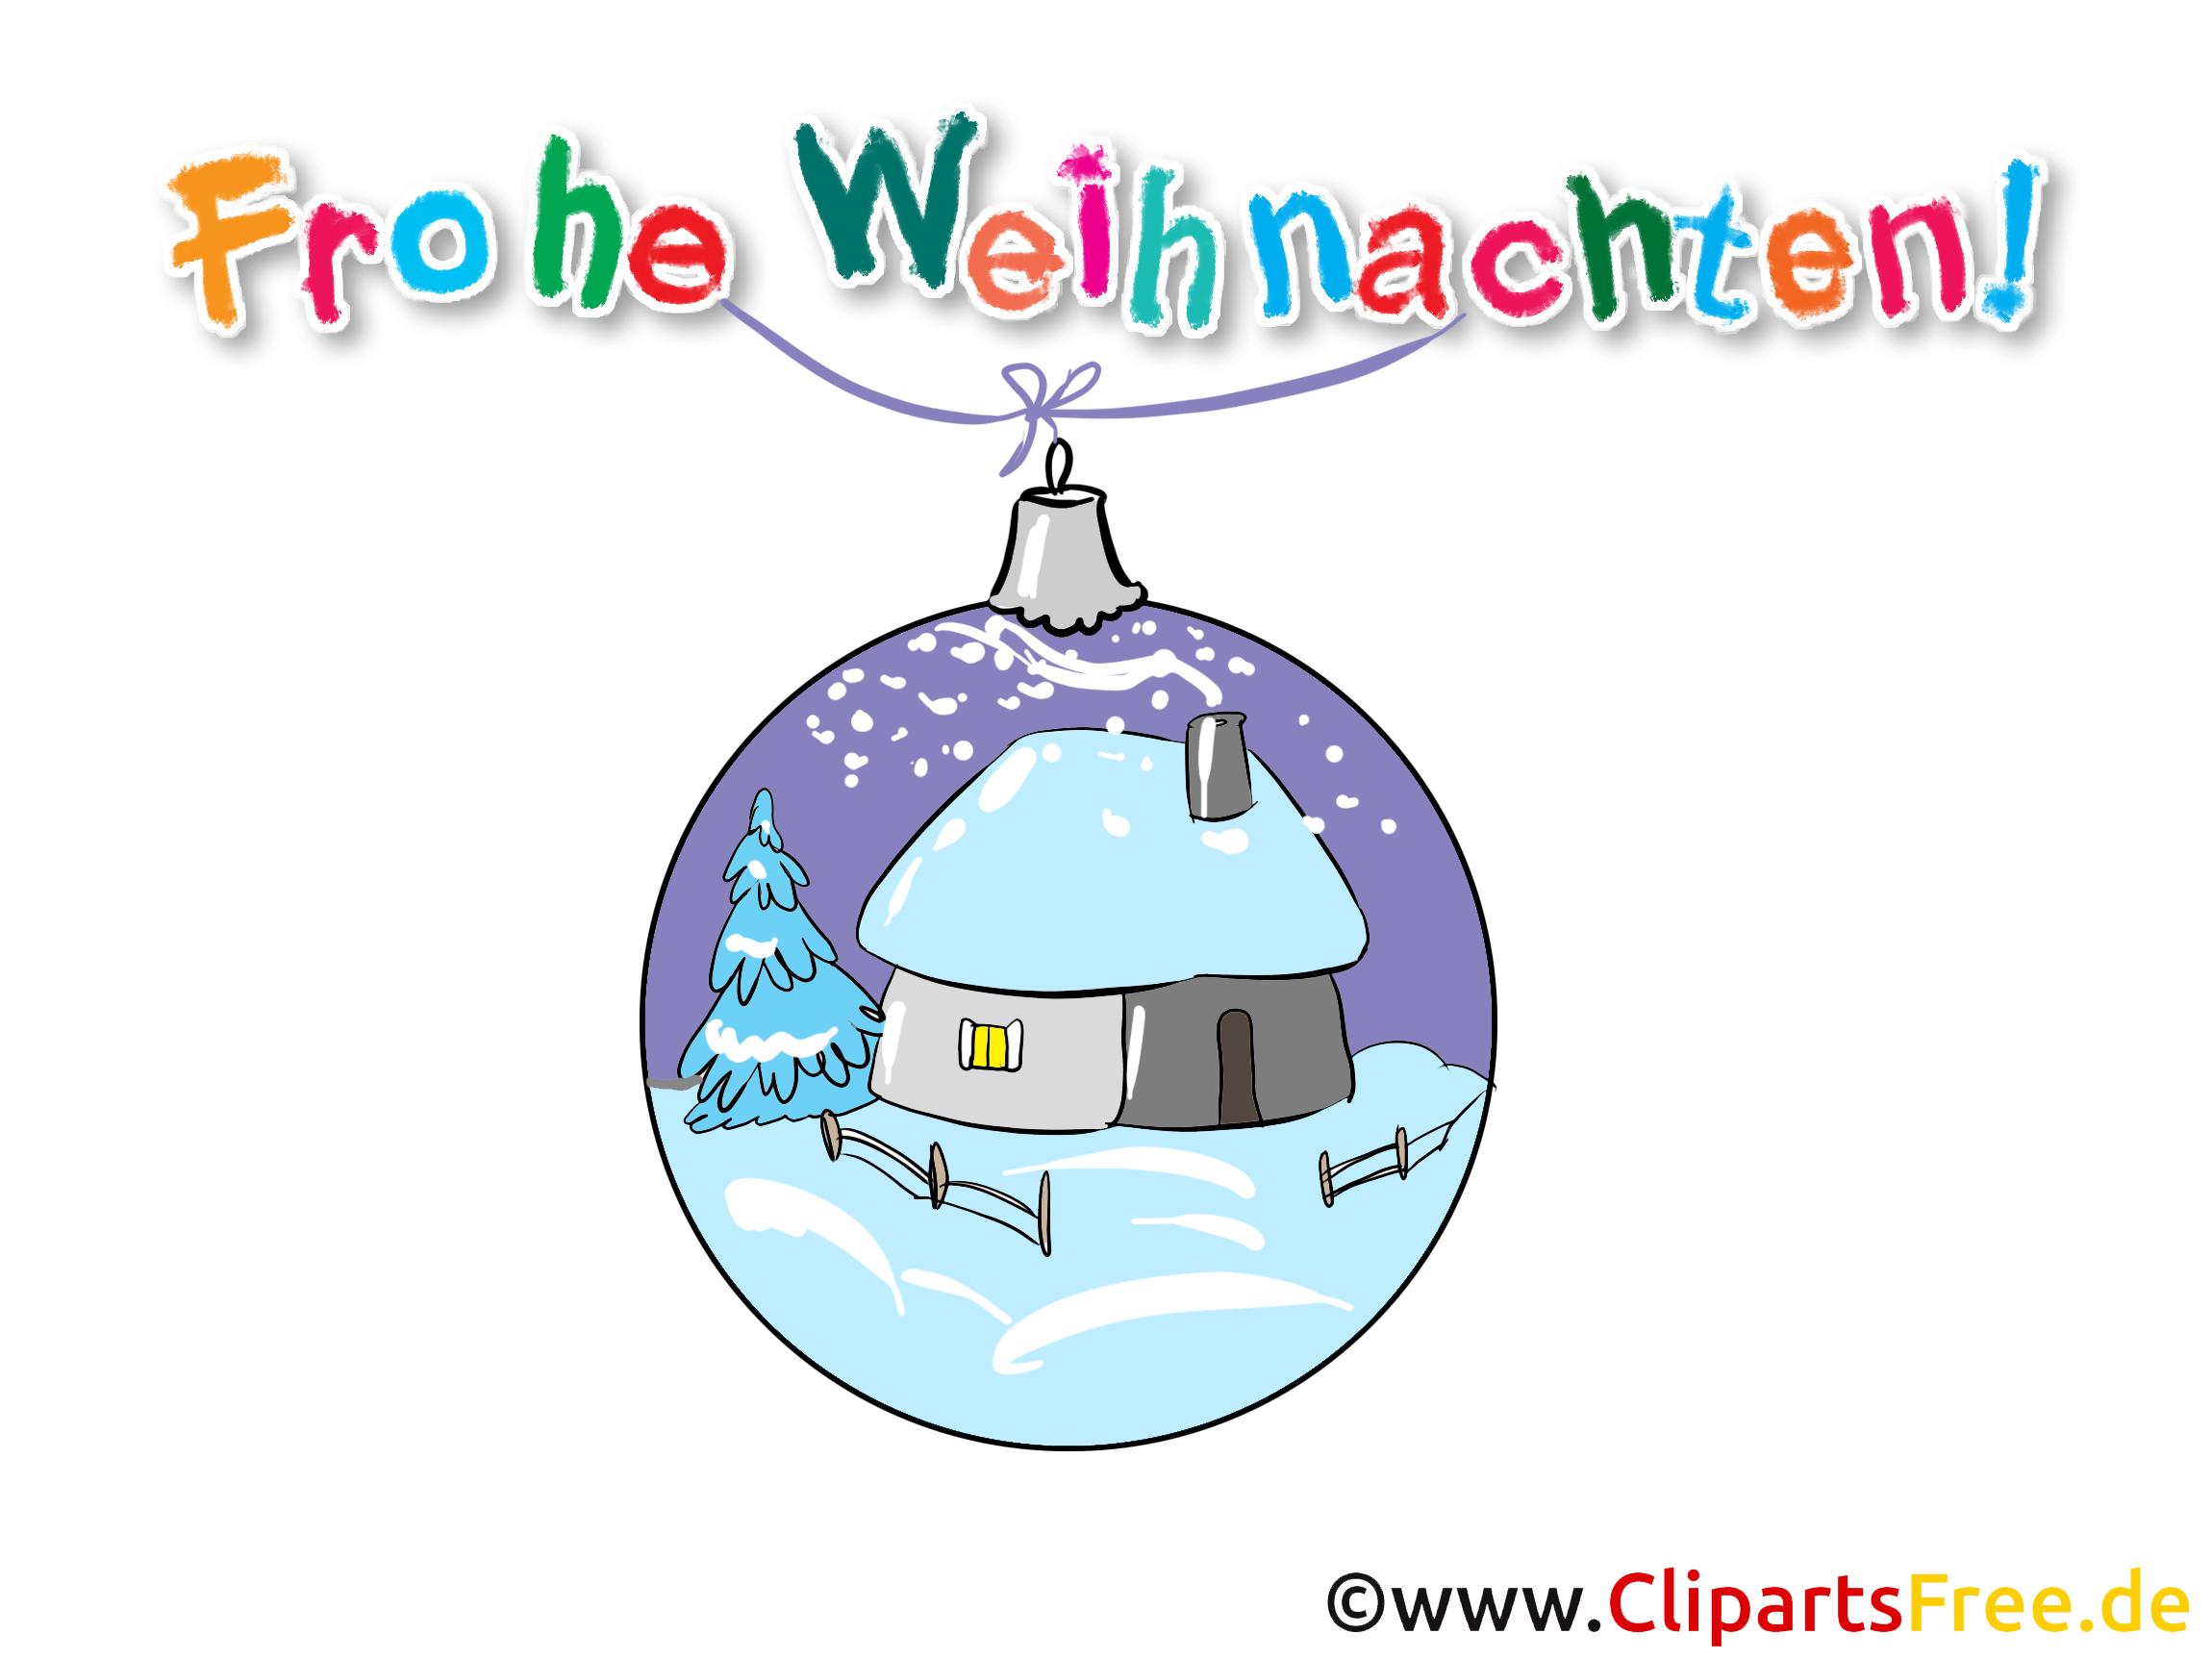 weihnachtswuensche bilder gratis